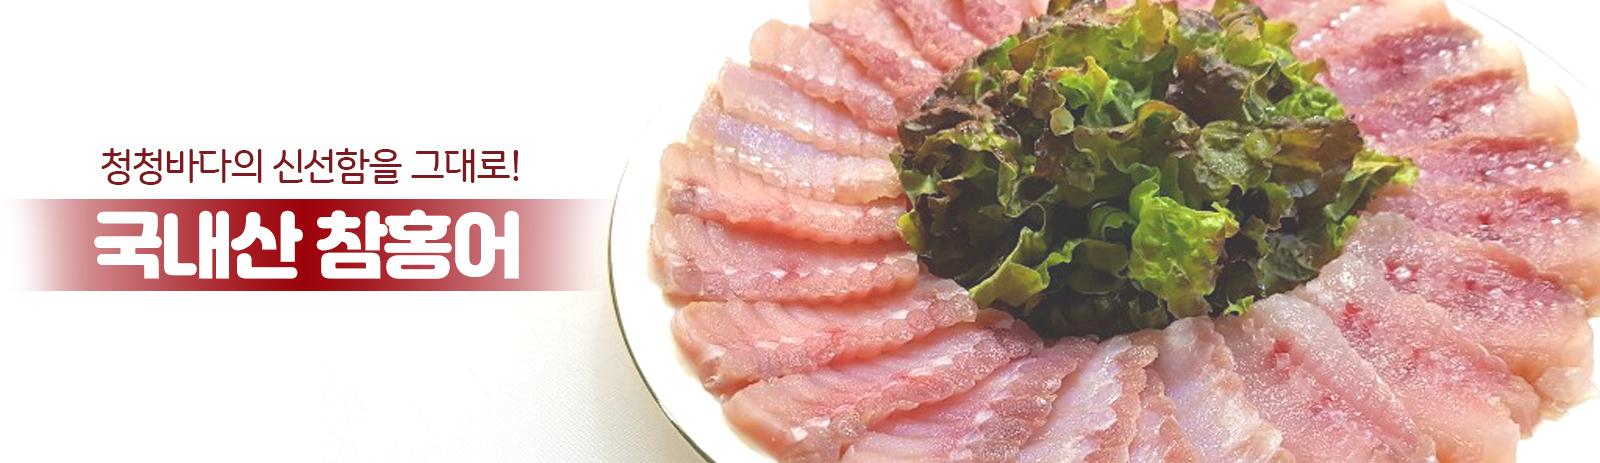 수입산홍어